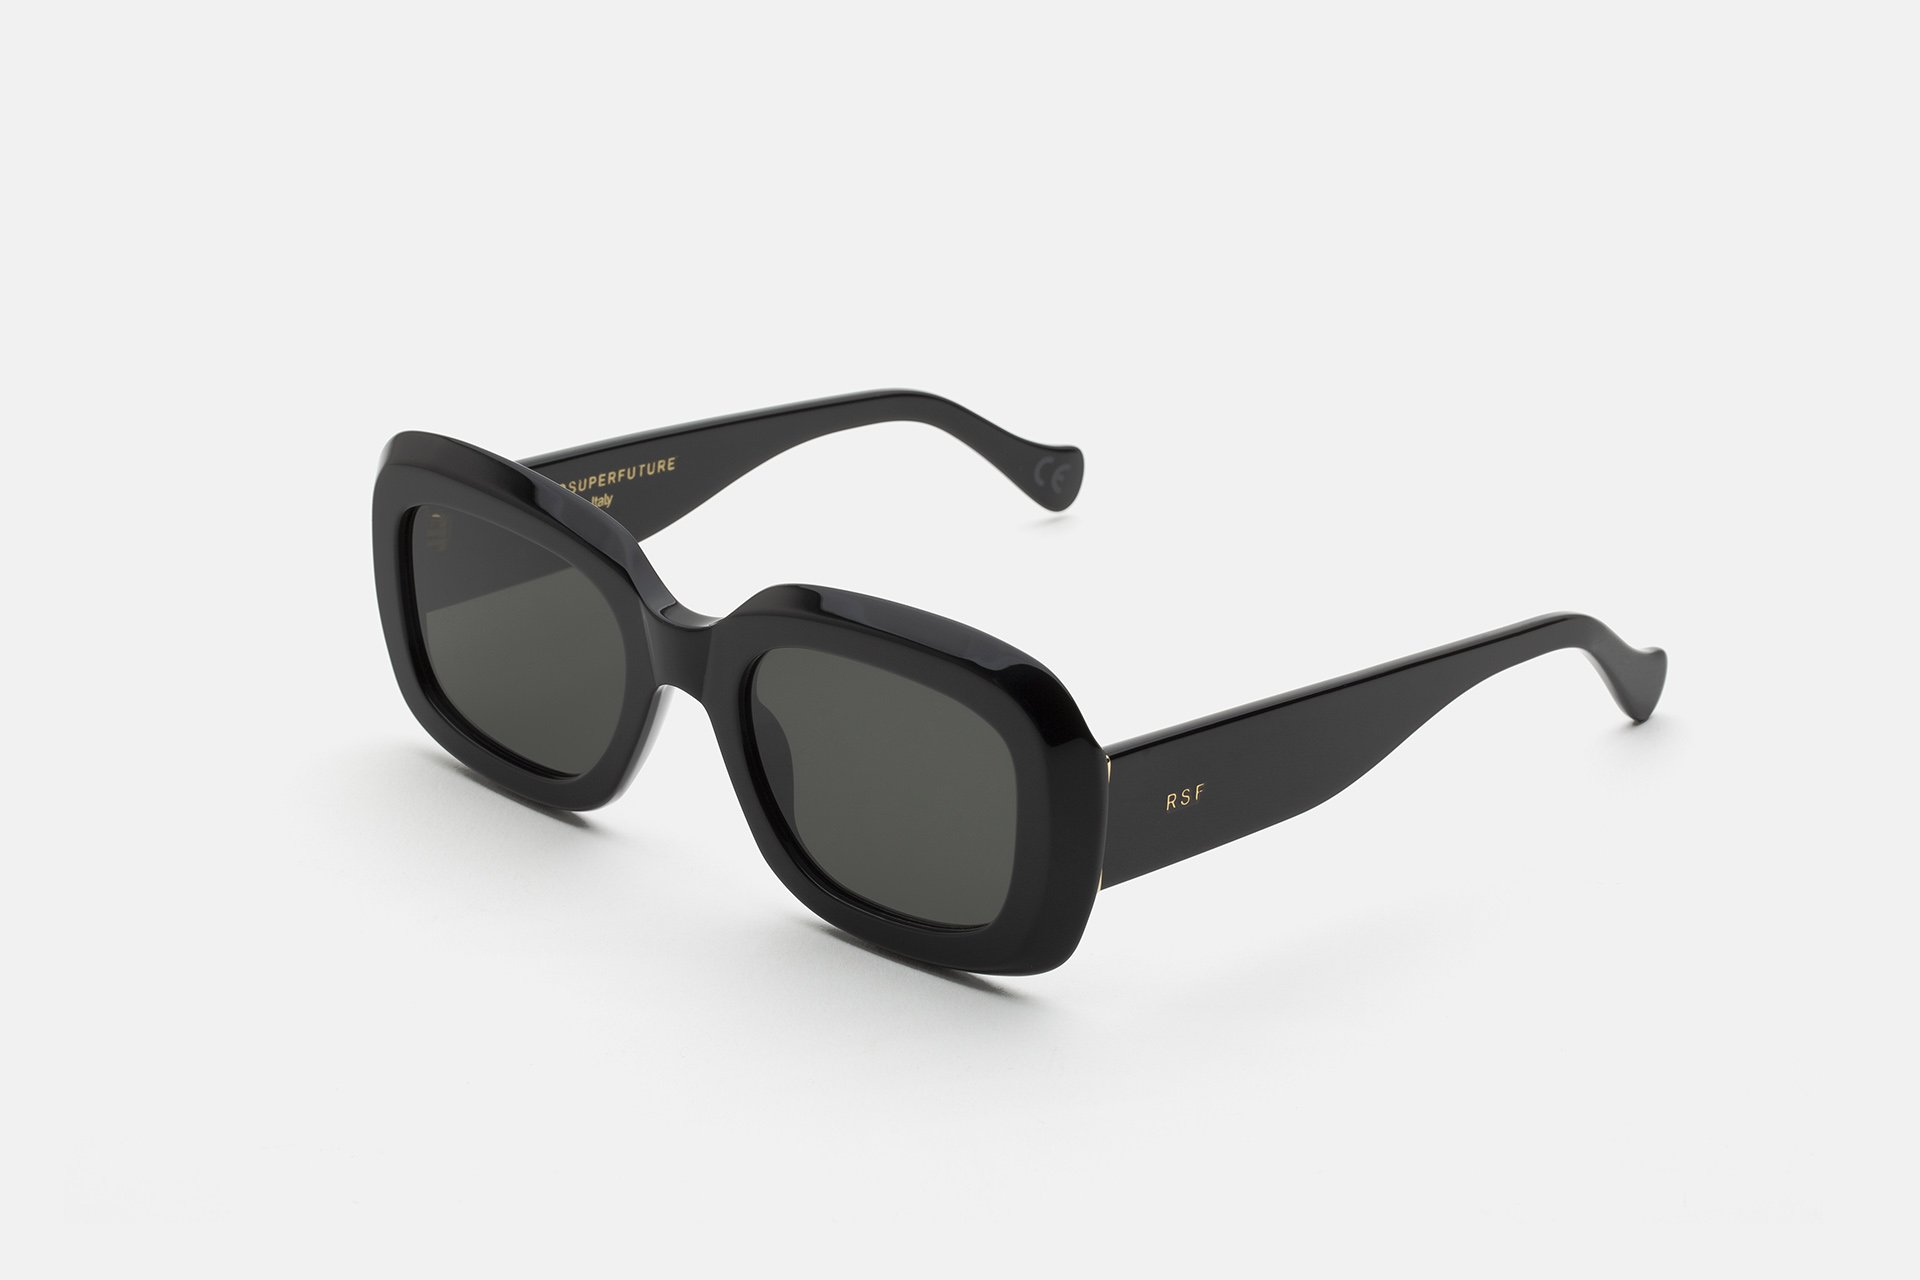 occhiale da sole super modello virgo colore black